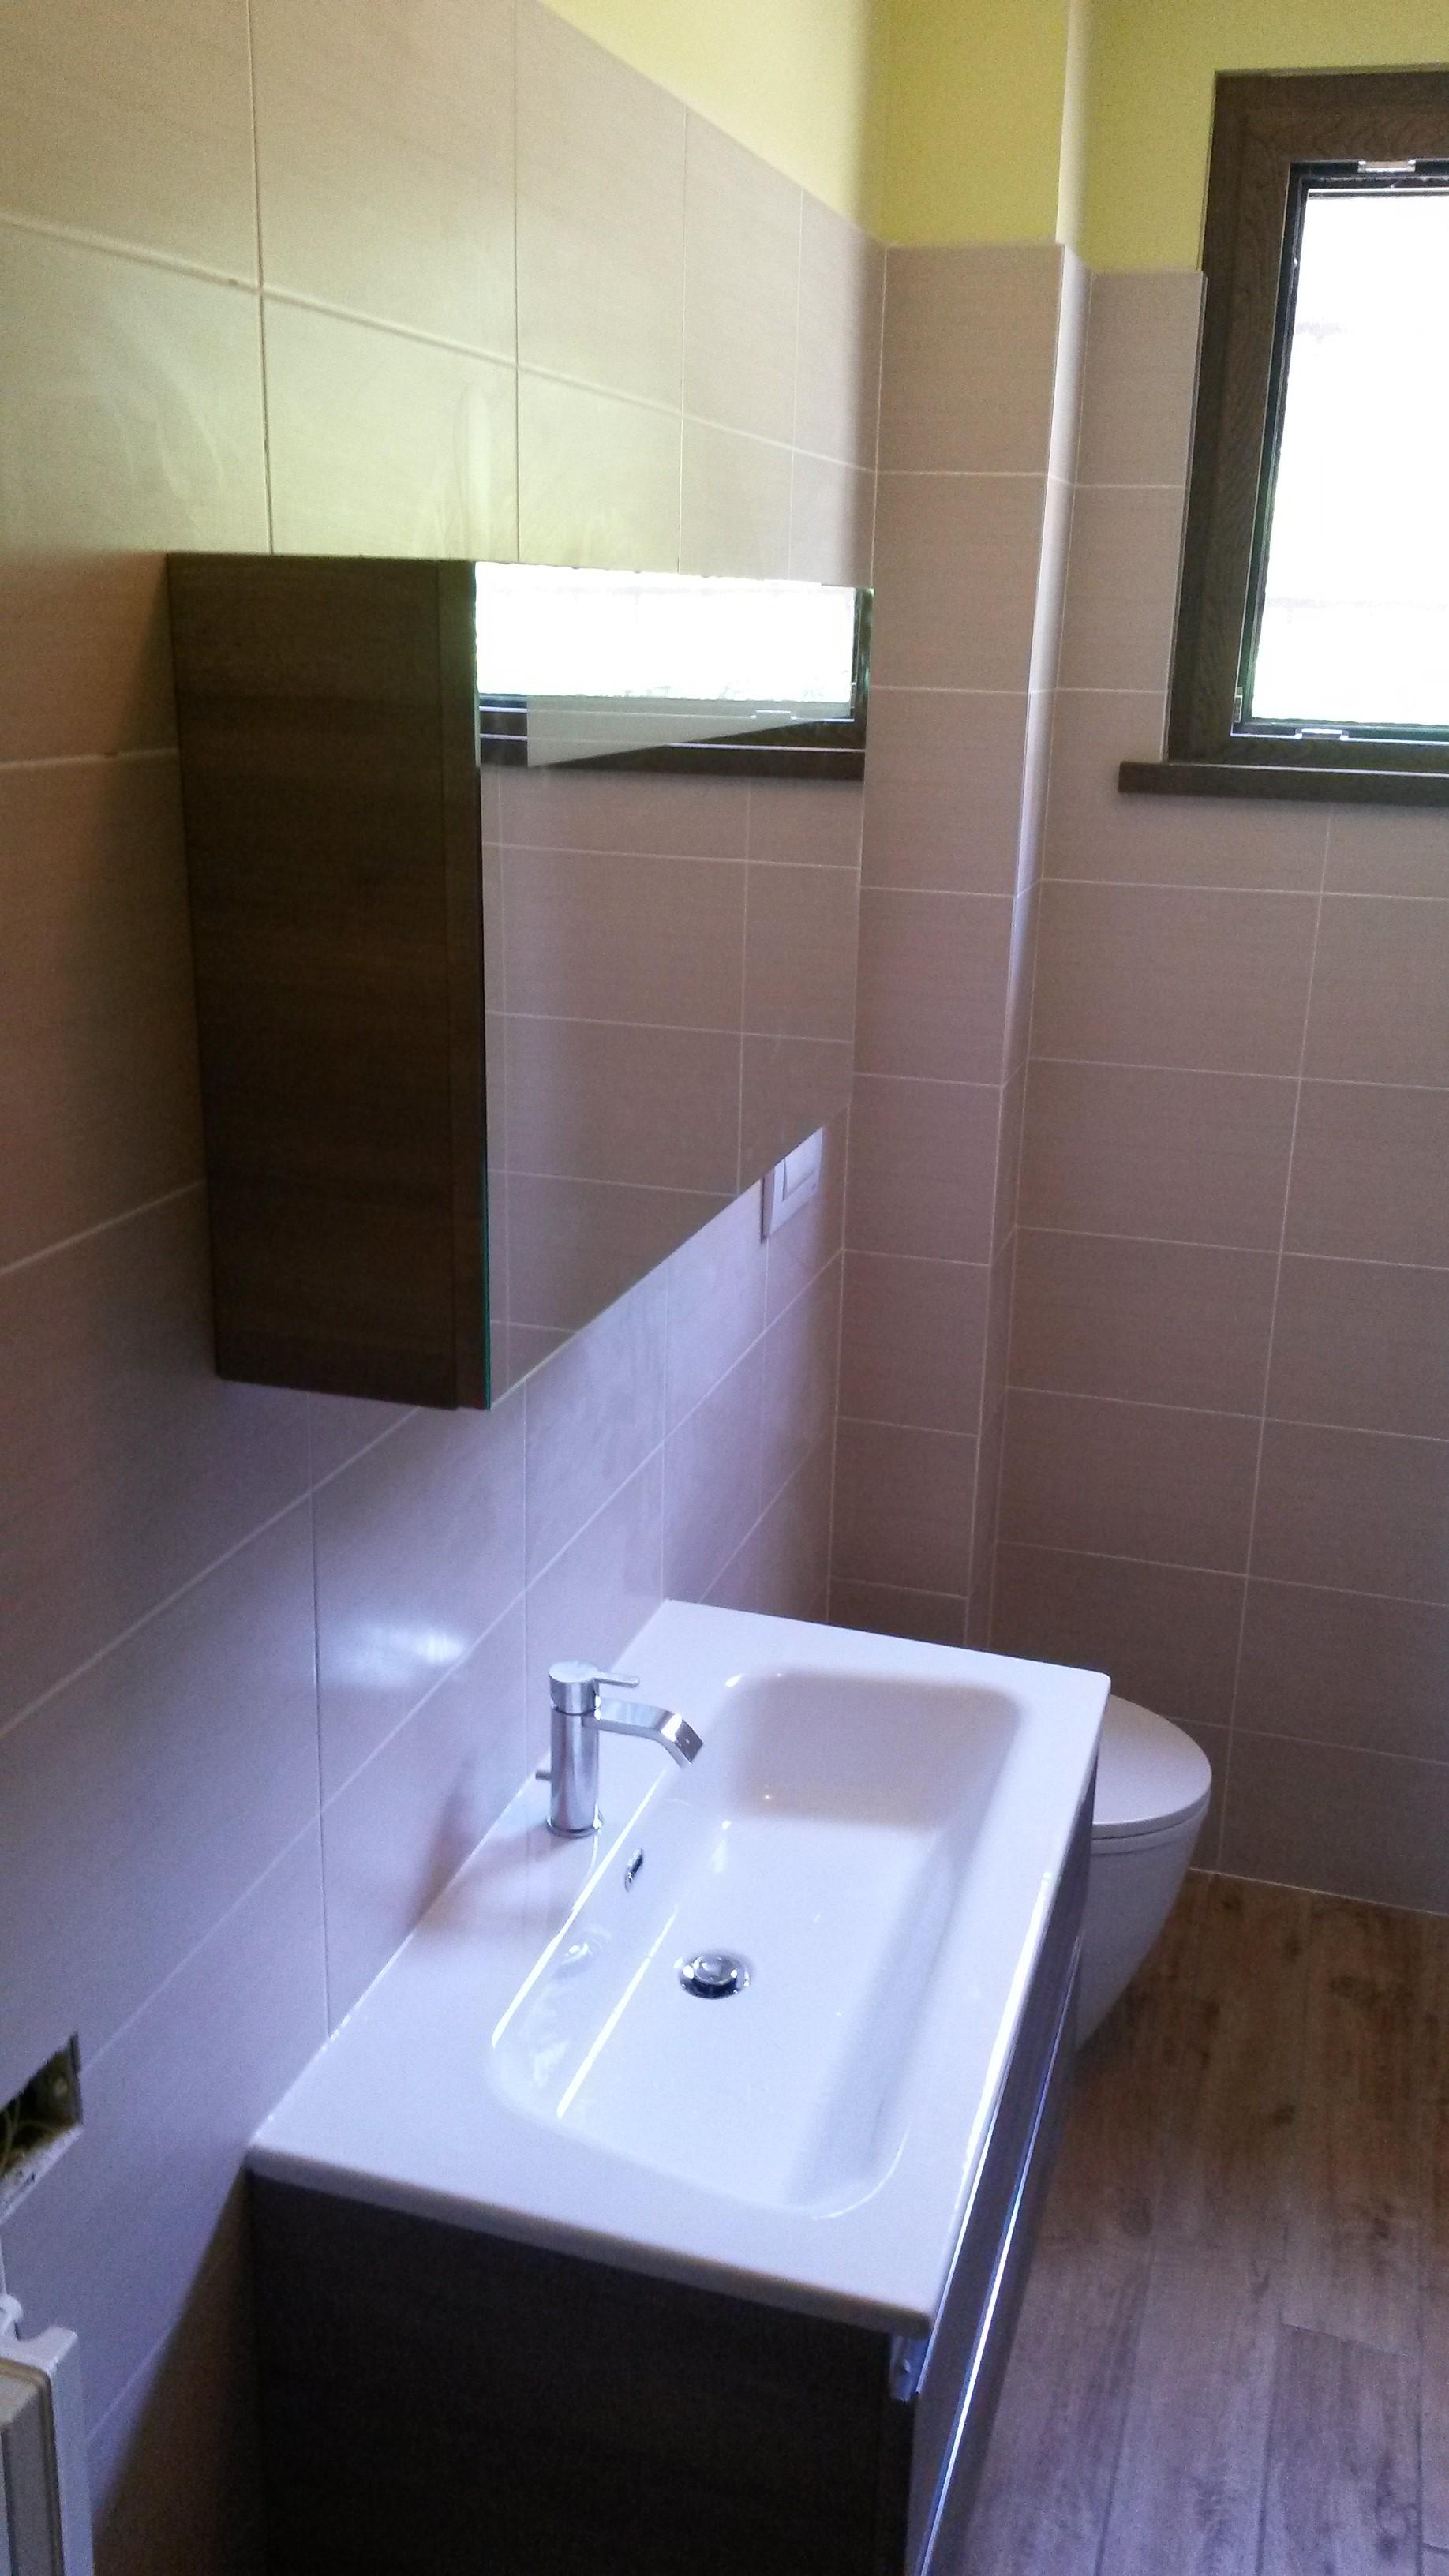 Rifare bagno fabulous come arredare un bagno with rifare - Rifare bagno costo ...